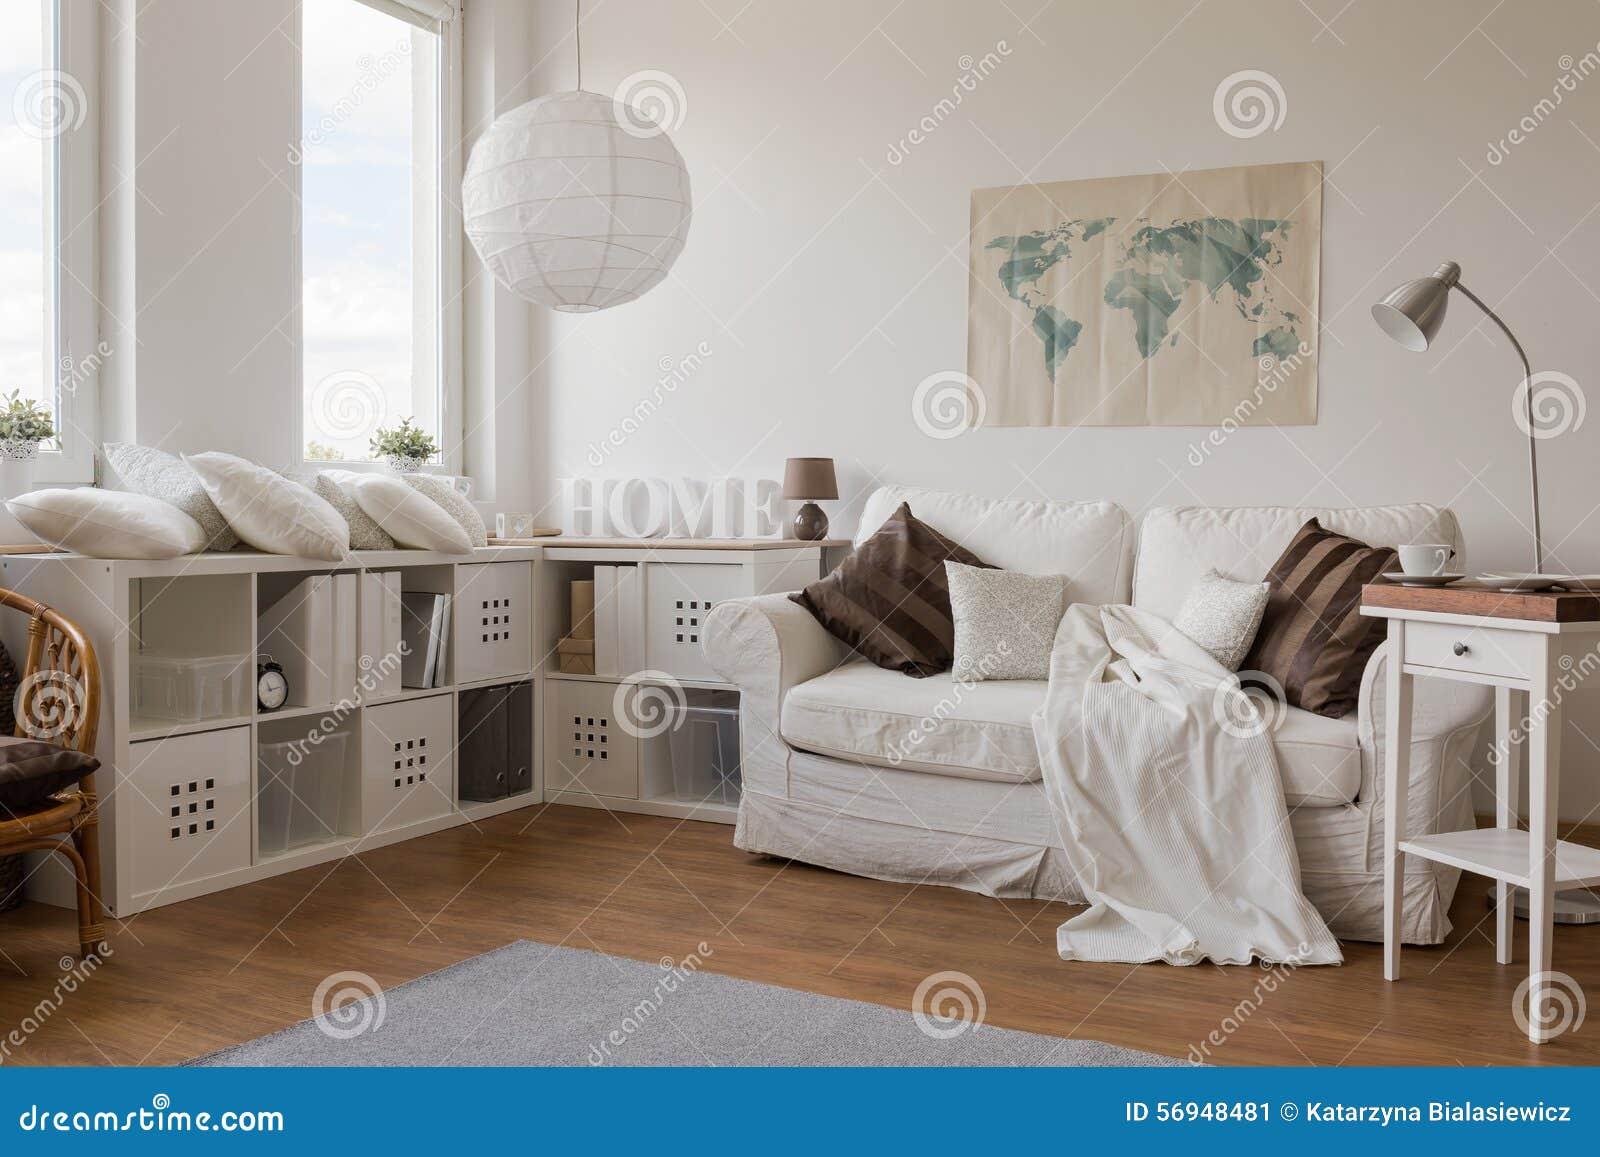 Salotto Moderno Bianco : Salotto moderno bianco immagine stock immagine di dimora